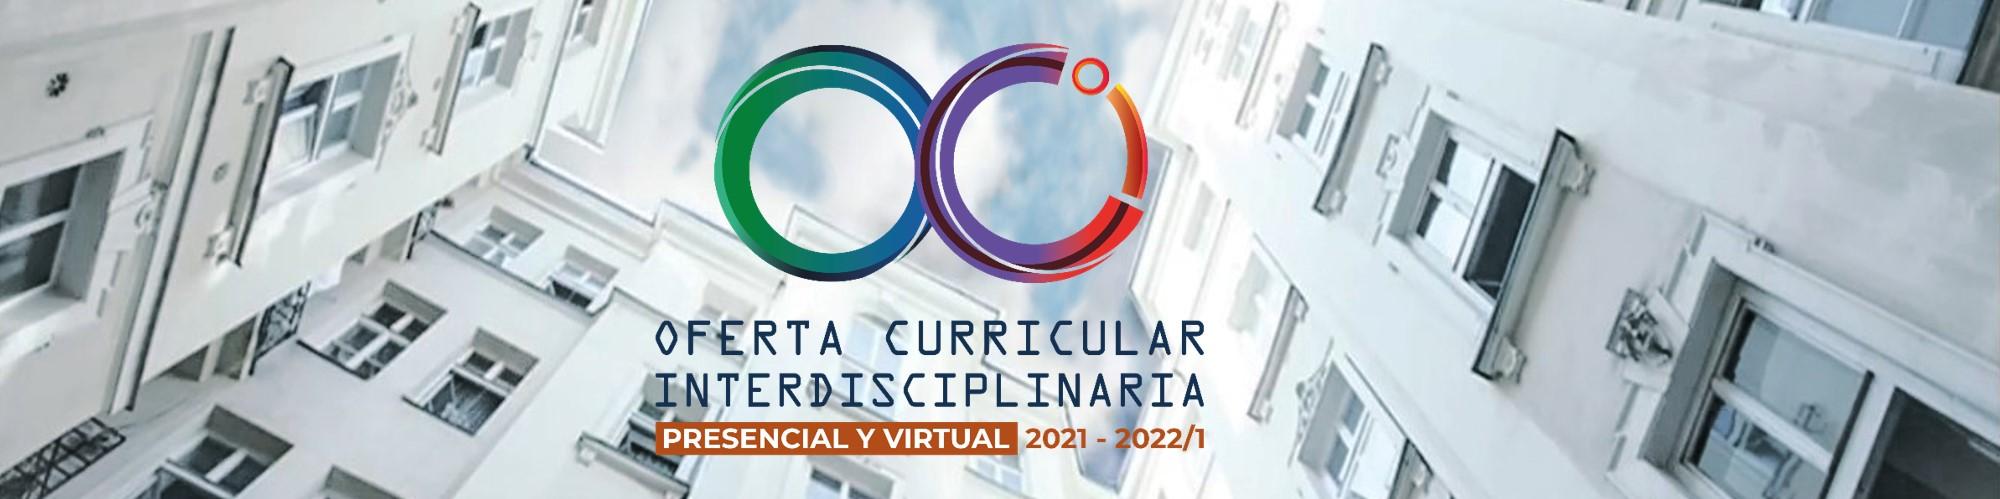 Oferta Curricular Interdisciplinaria